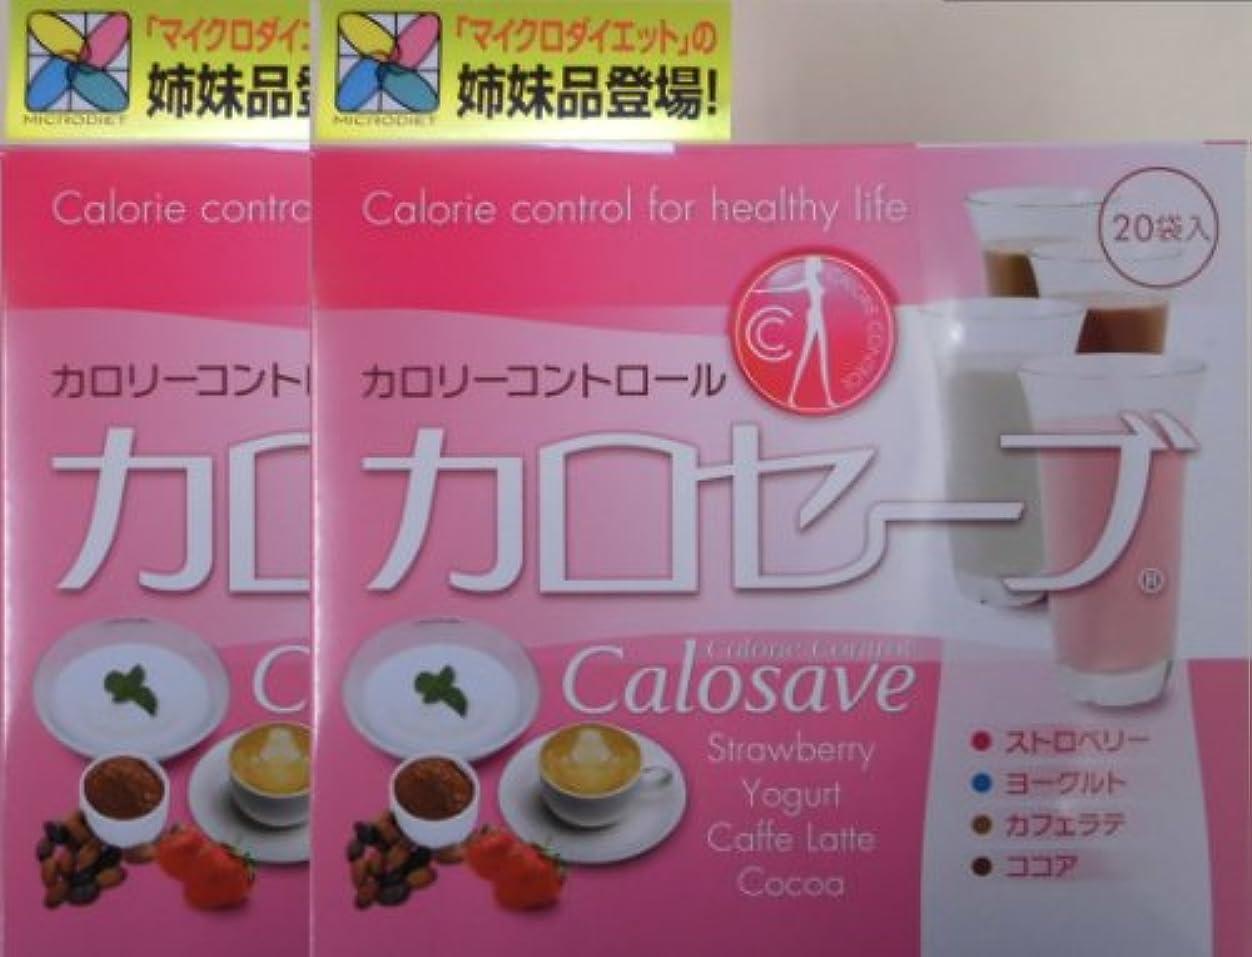 ケージ無視栄養カロセーブ 20袋×2個セット マイクロダイエットの姉妹品登場!